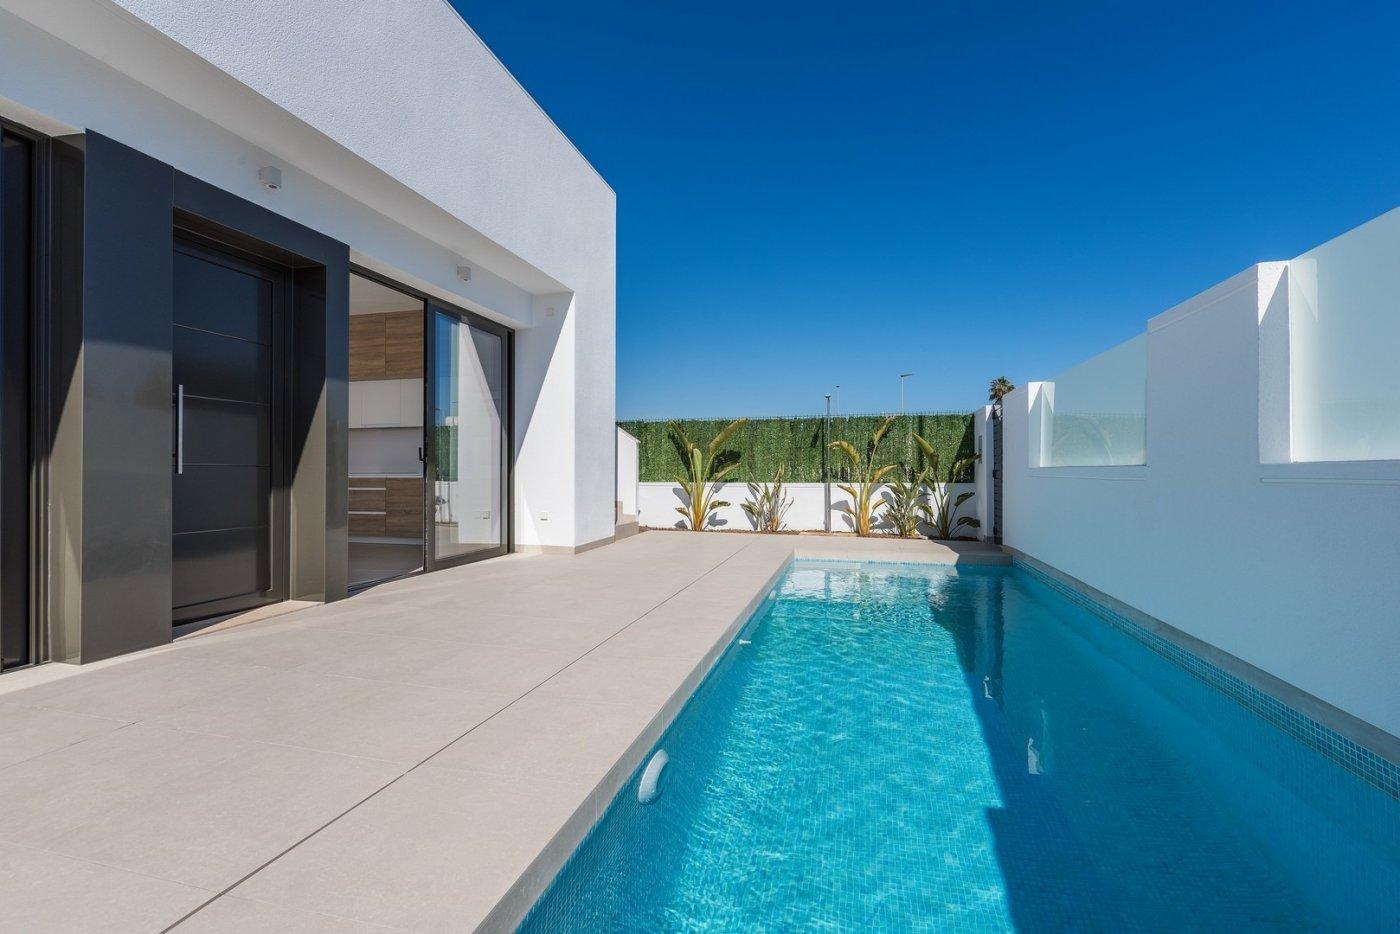 Villas nuevas con piscina privada y solarium a 700m de la playa !!! - imagenInmueble11